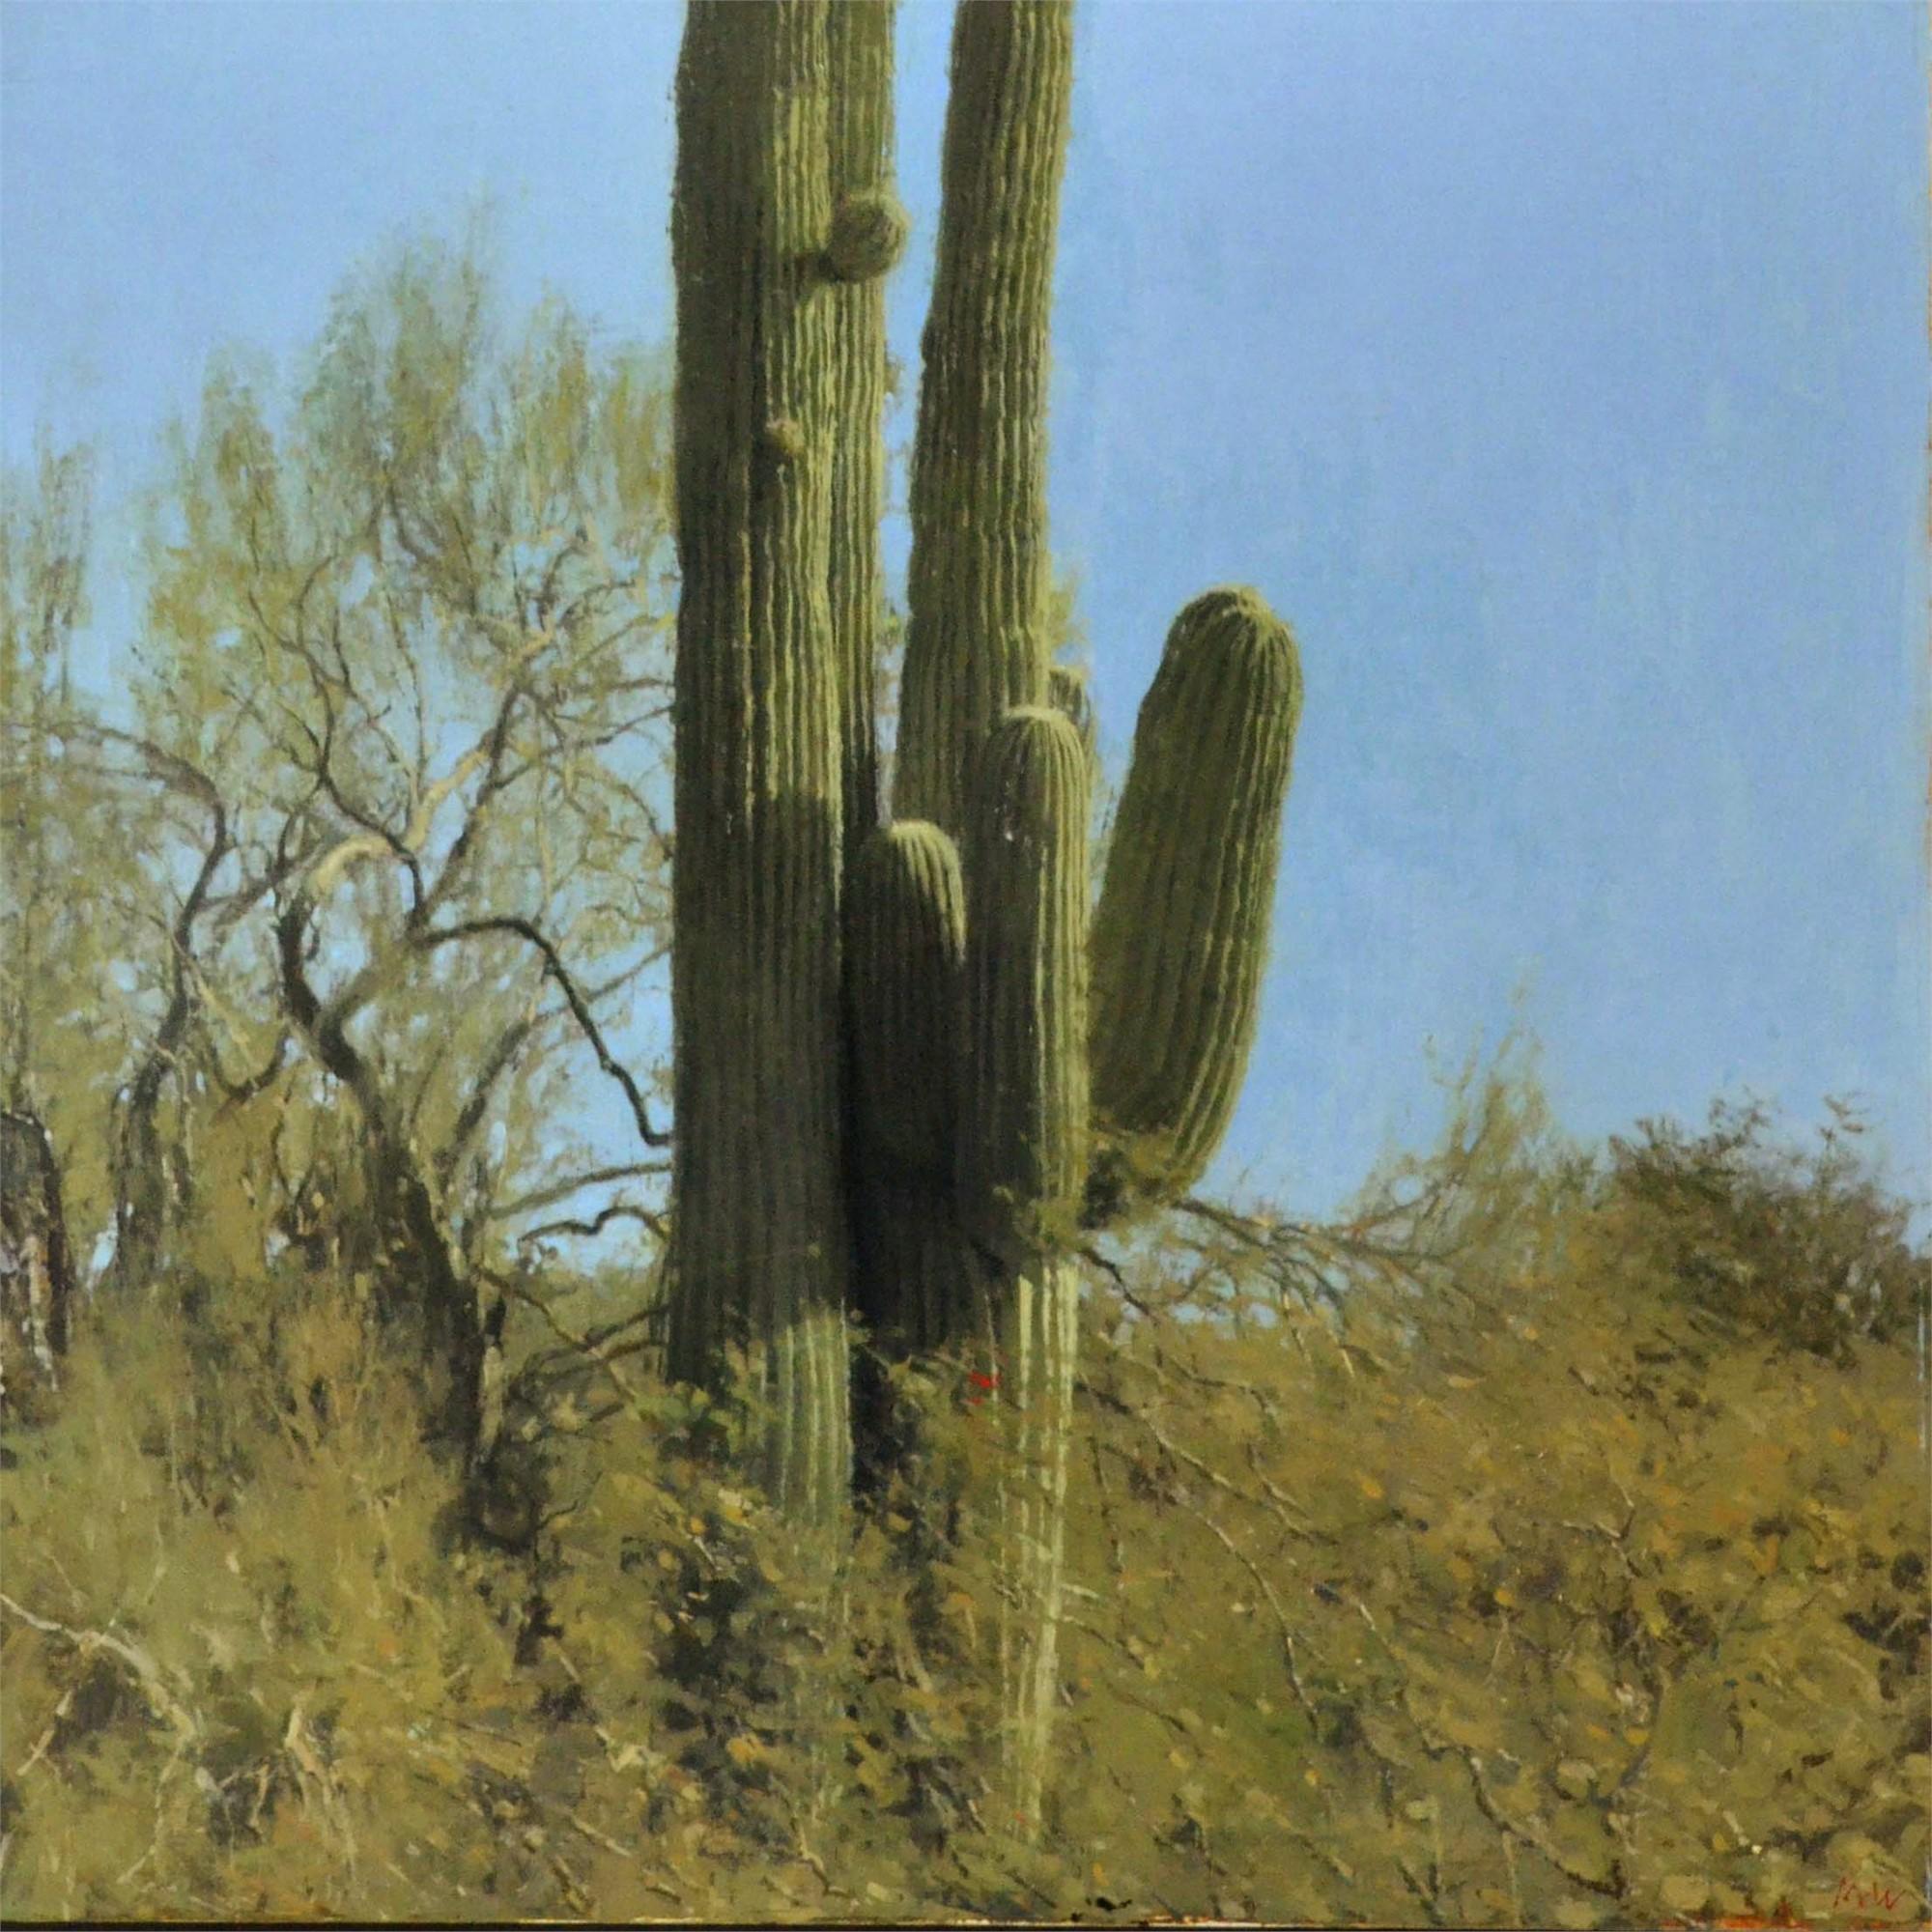 Saguaro by Michael Workman